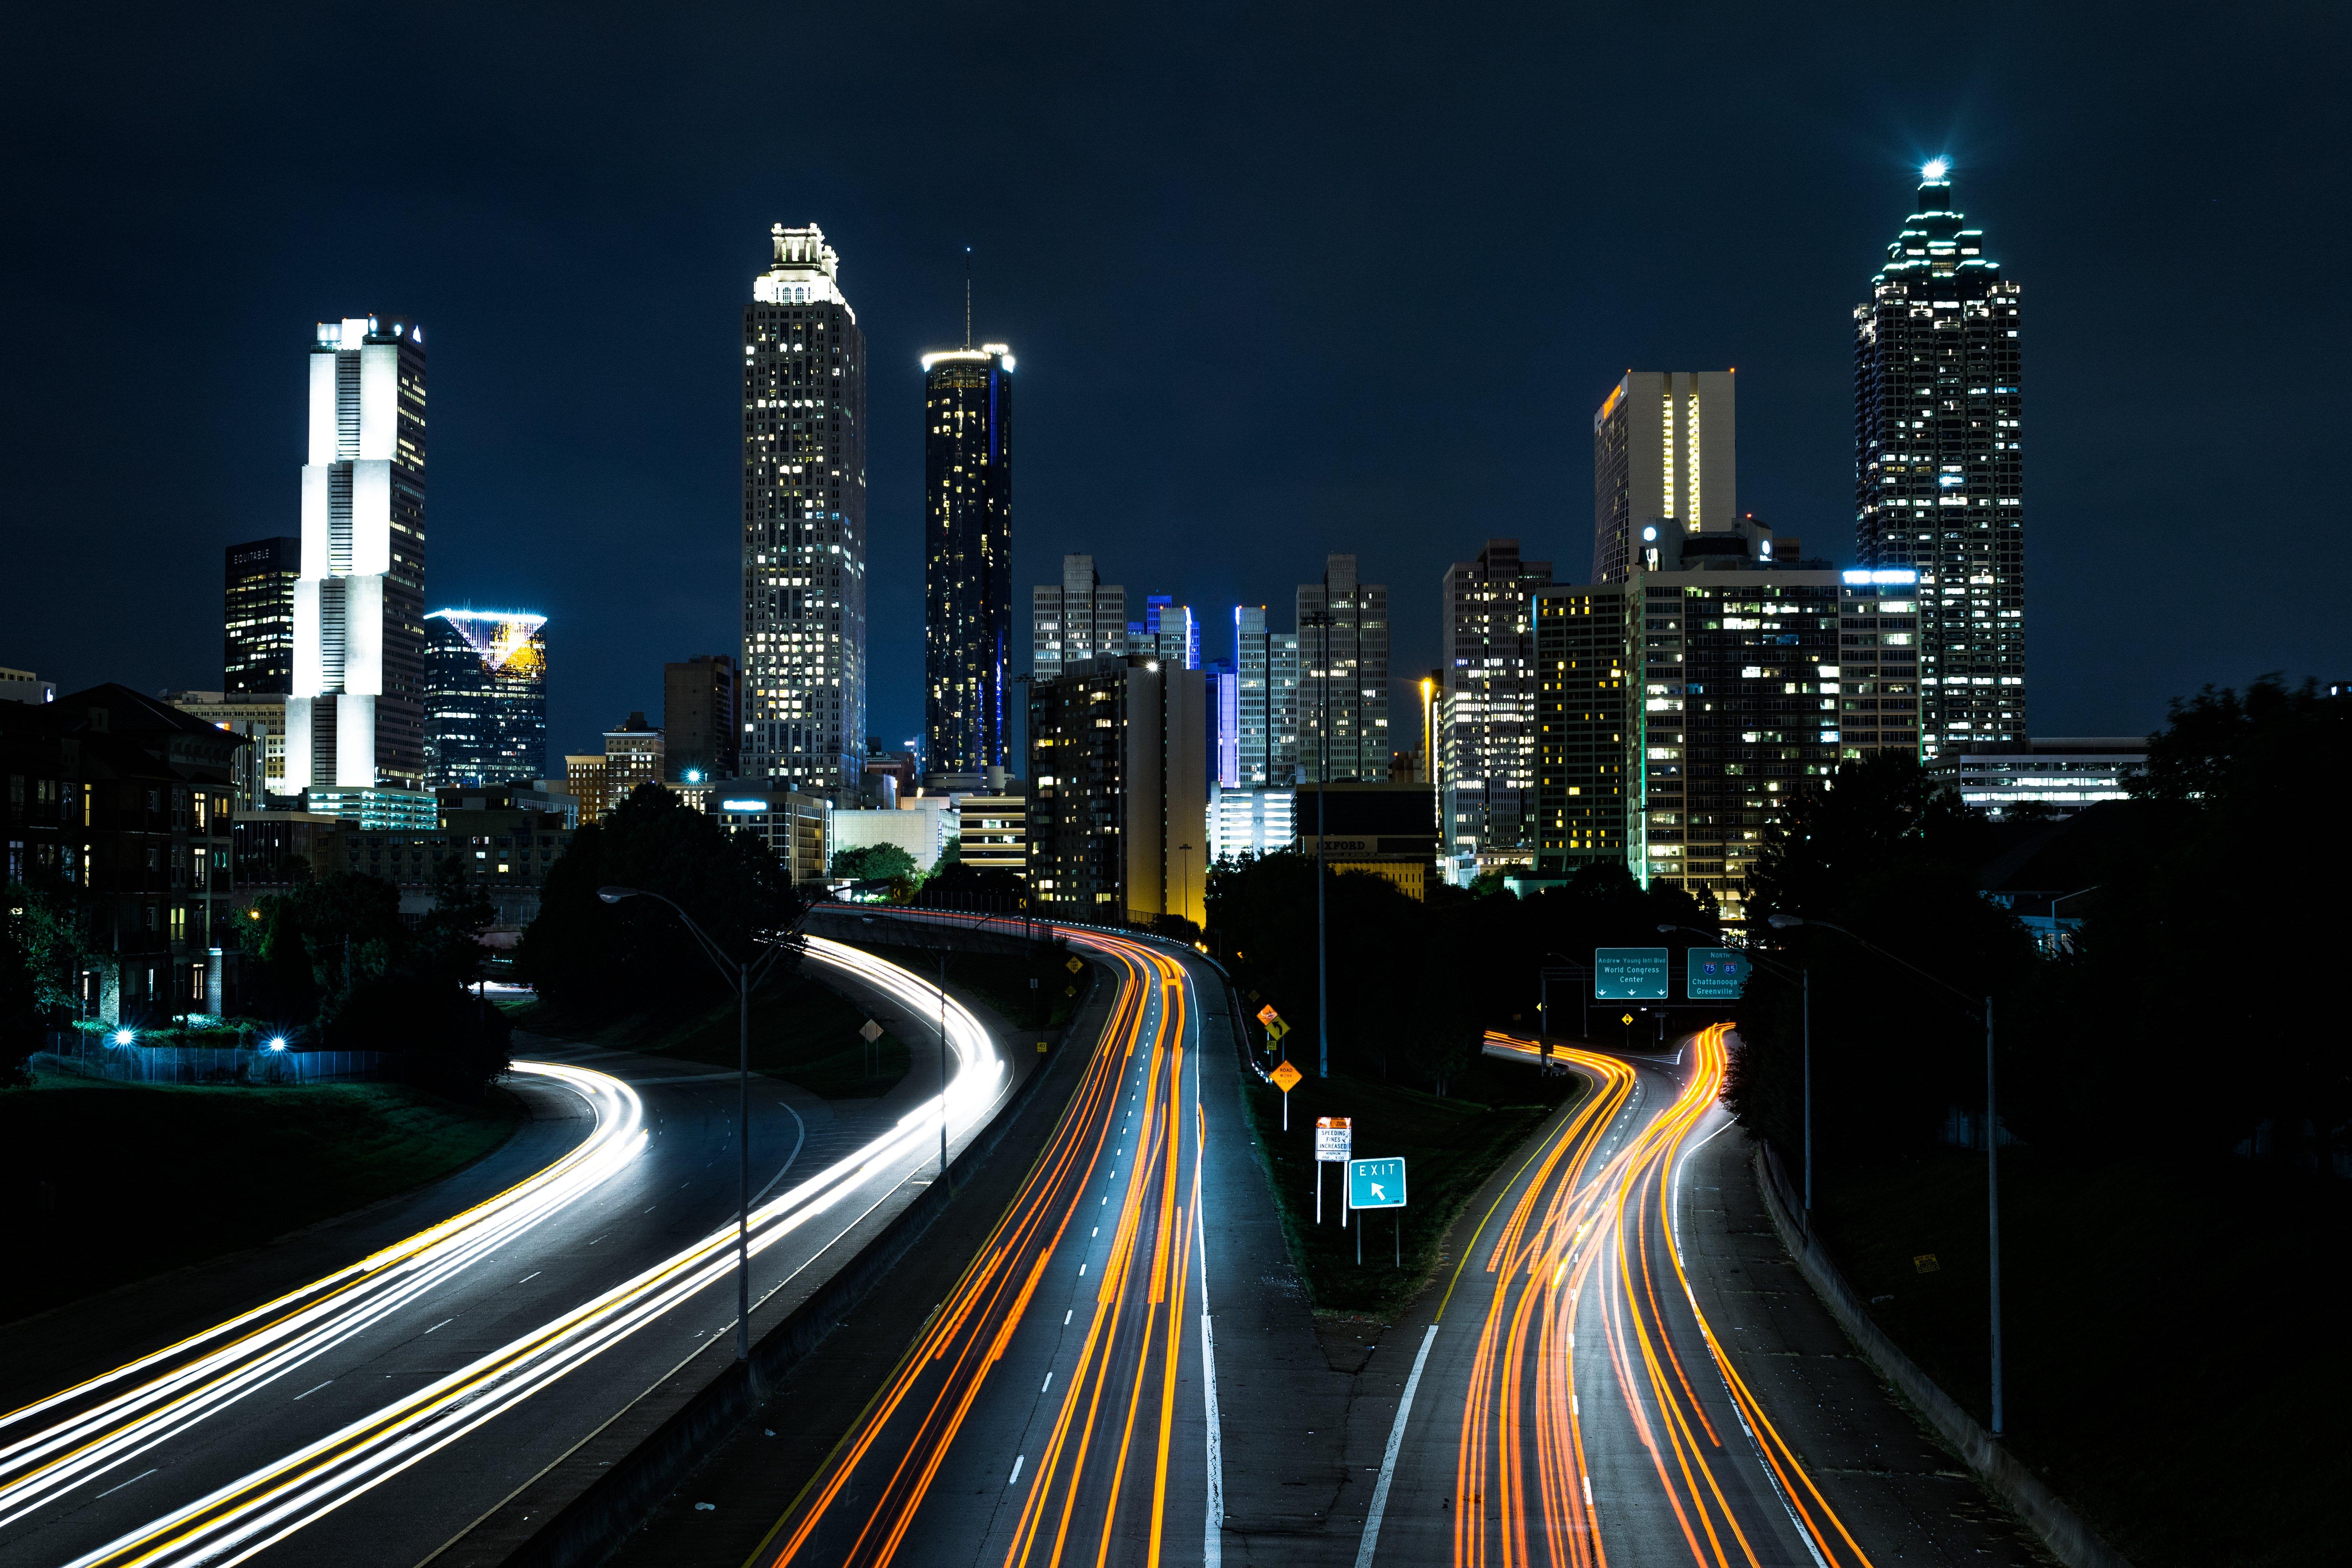 Carreteras iluminadas en ciudad